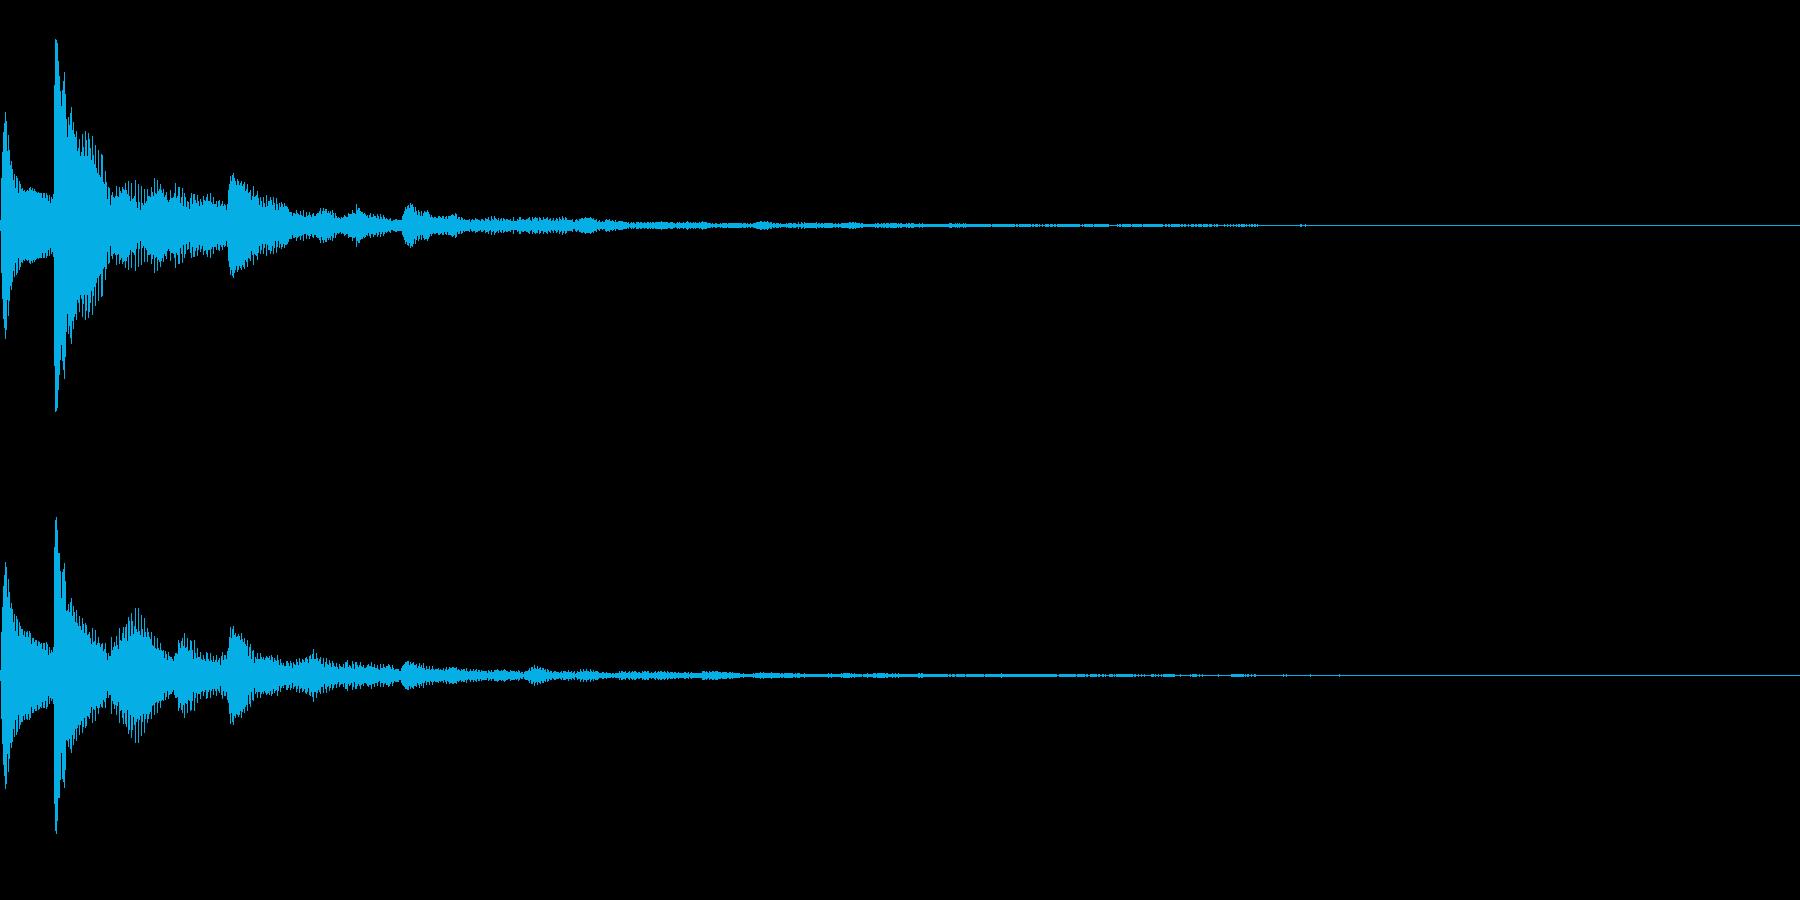 テロップ表示音~3和音の暗めな分散系~の再生済みの波形